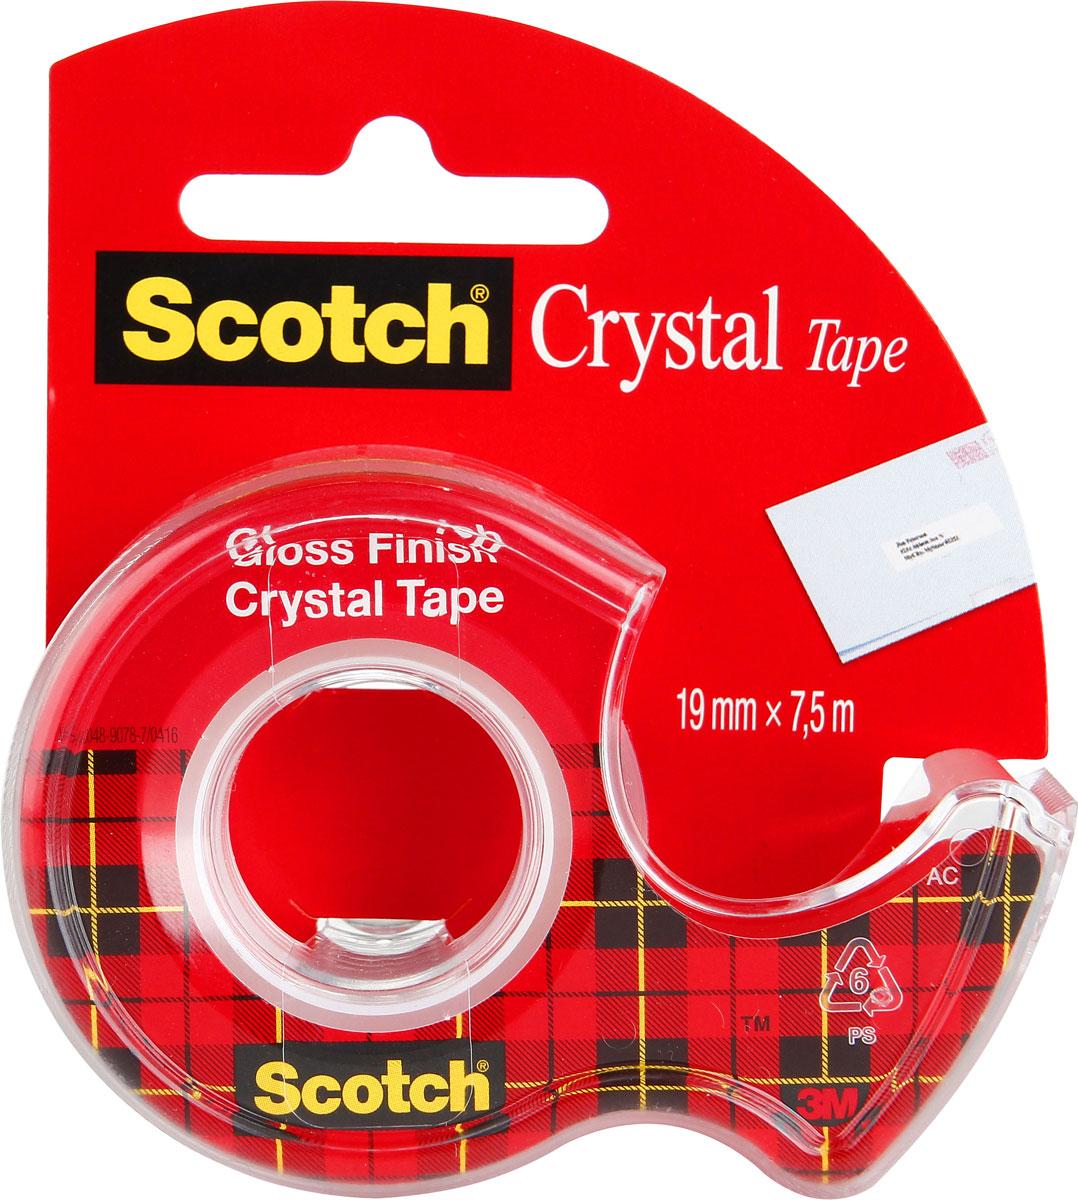 3M Клейкая лента Crystal 19 х 7500 мм1268197Кристально прозрачная канцелярская клейкая лента 3M Crystal идеально подходит для работы в офисе, для ламинации документов и упаковки подарков. Легко и бесшумно разматывается, а при необходимости легко отрывается руками. Отлично приклеивается, не желтеет, долго хранится.Для компактной клейкой ленты на маленьком диспенсере с пластиковым ножом легко найдется место на рабочем столе в офисе и дома.Уважаемые клиенты! Обращаем ваше внимание на то, что упаковка может иметь несколько видов дизайна. Поставка осуществляется в зависимости от наличия на складе.